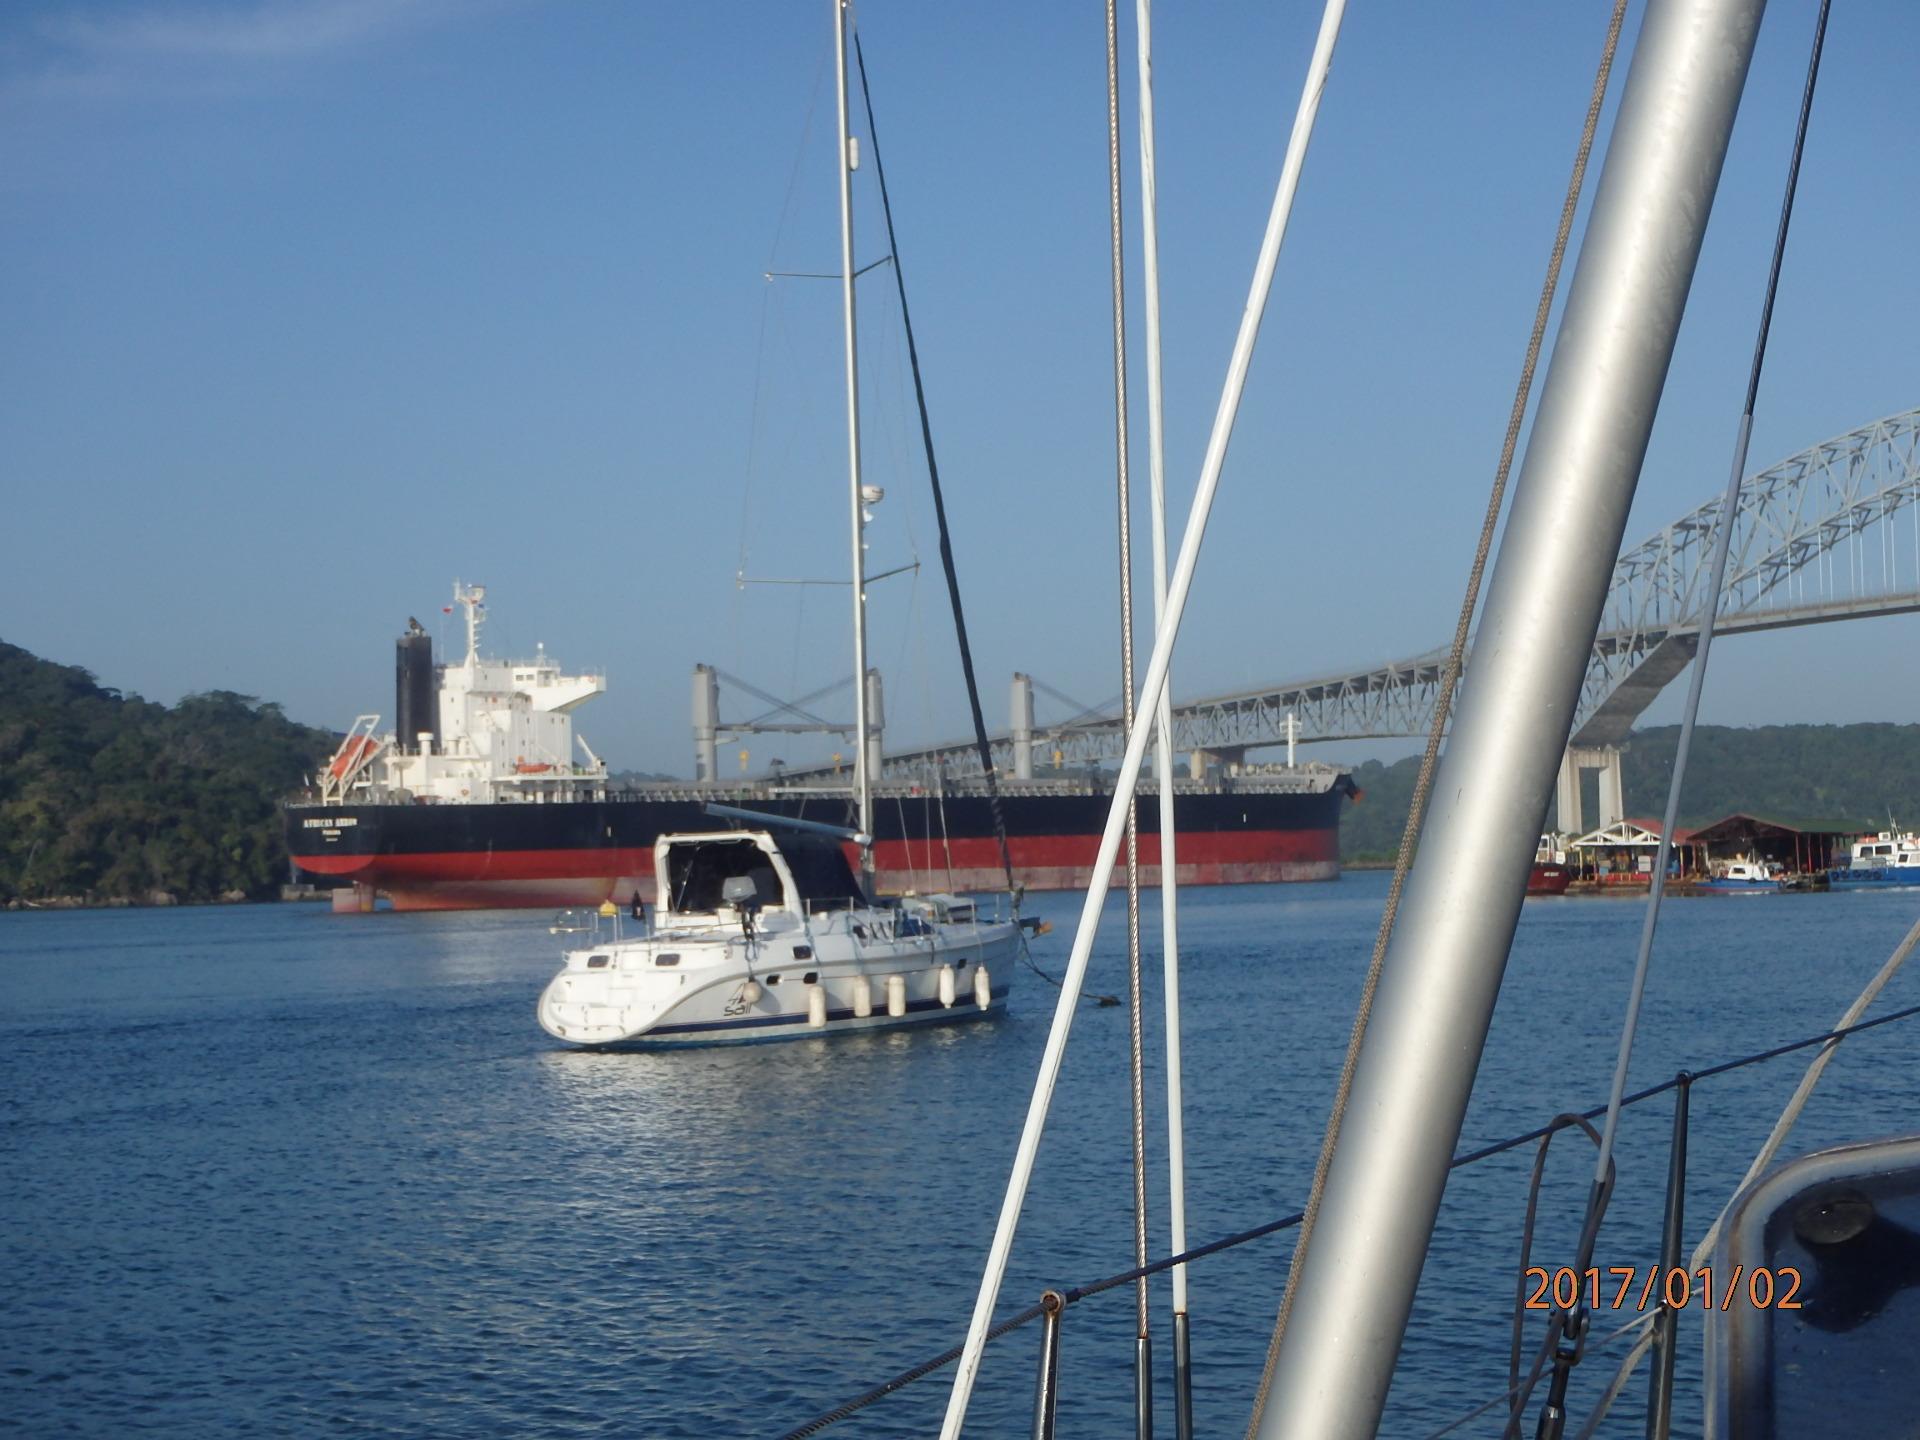 Ansteuerung Einfahrt Panamakanal von W  nach E